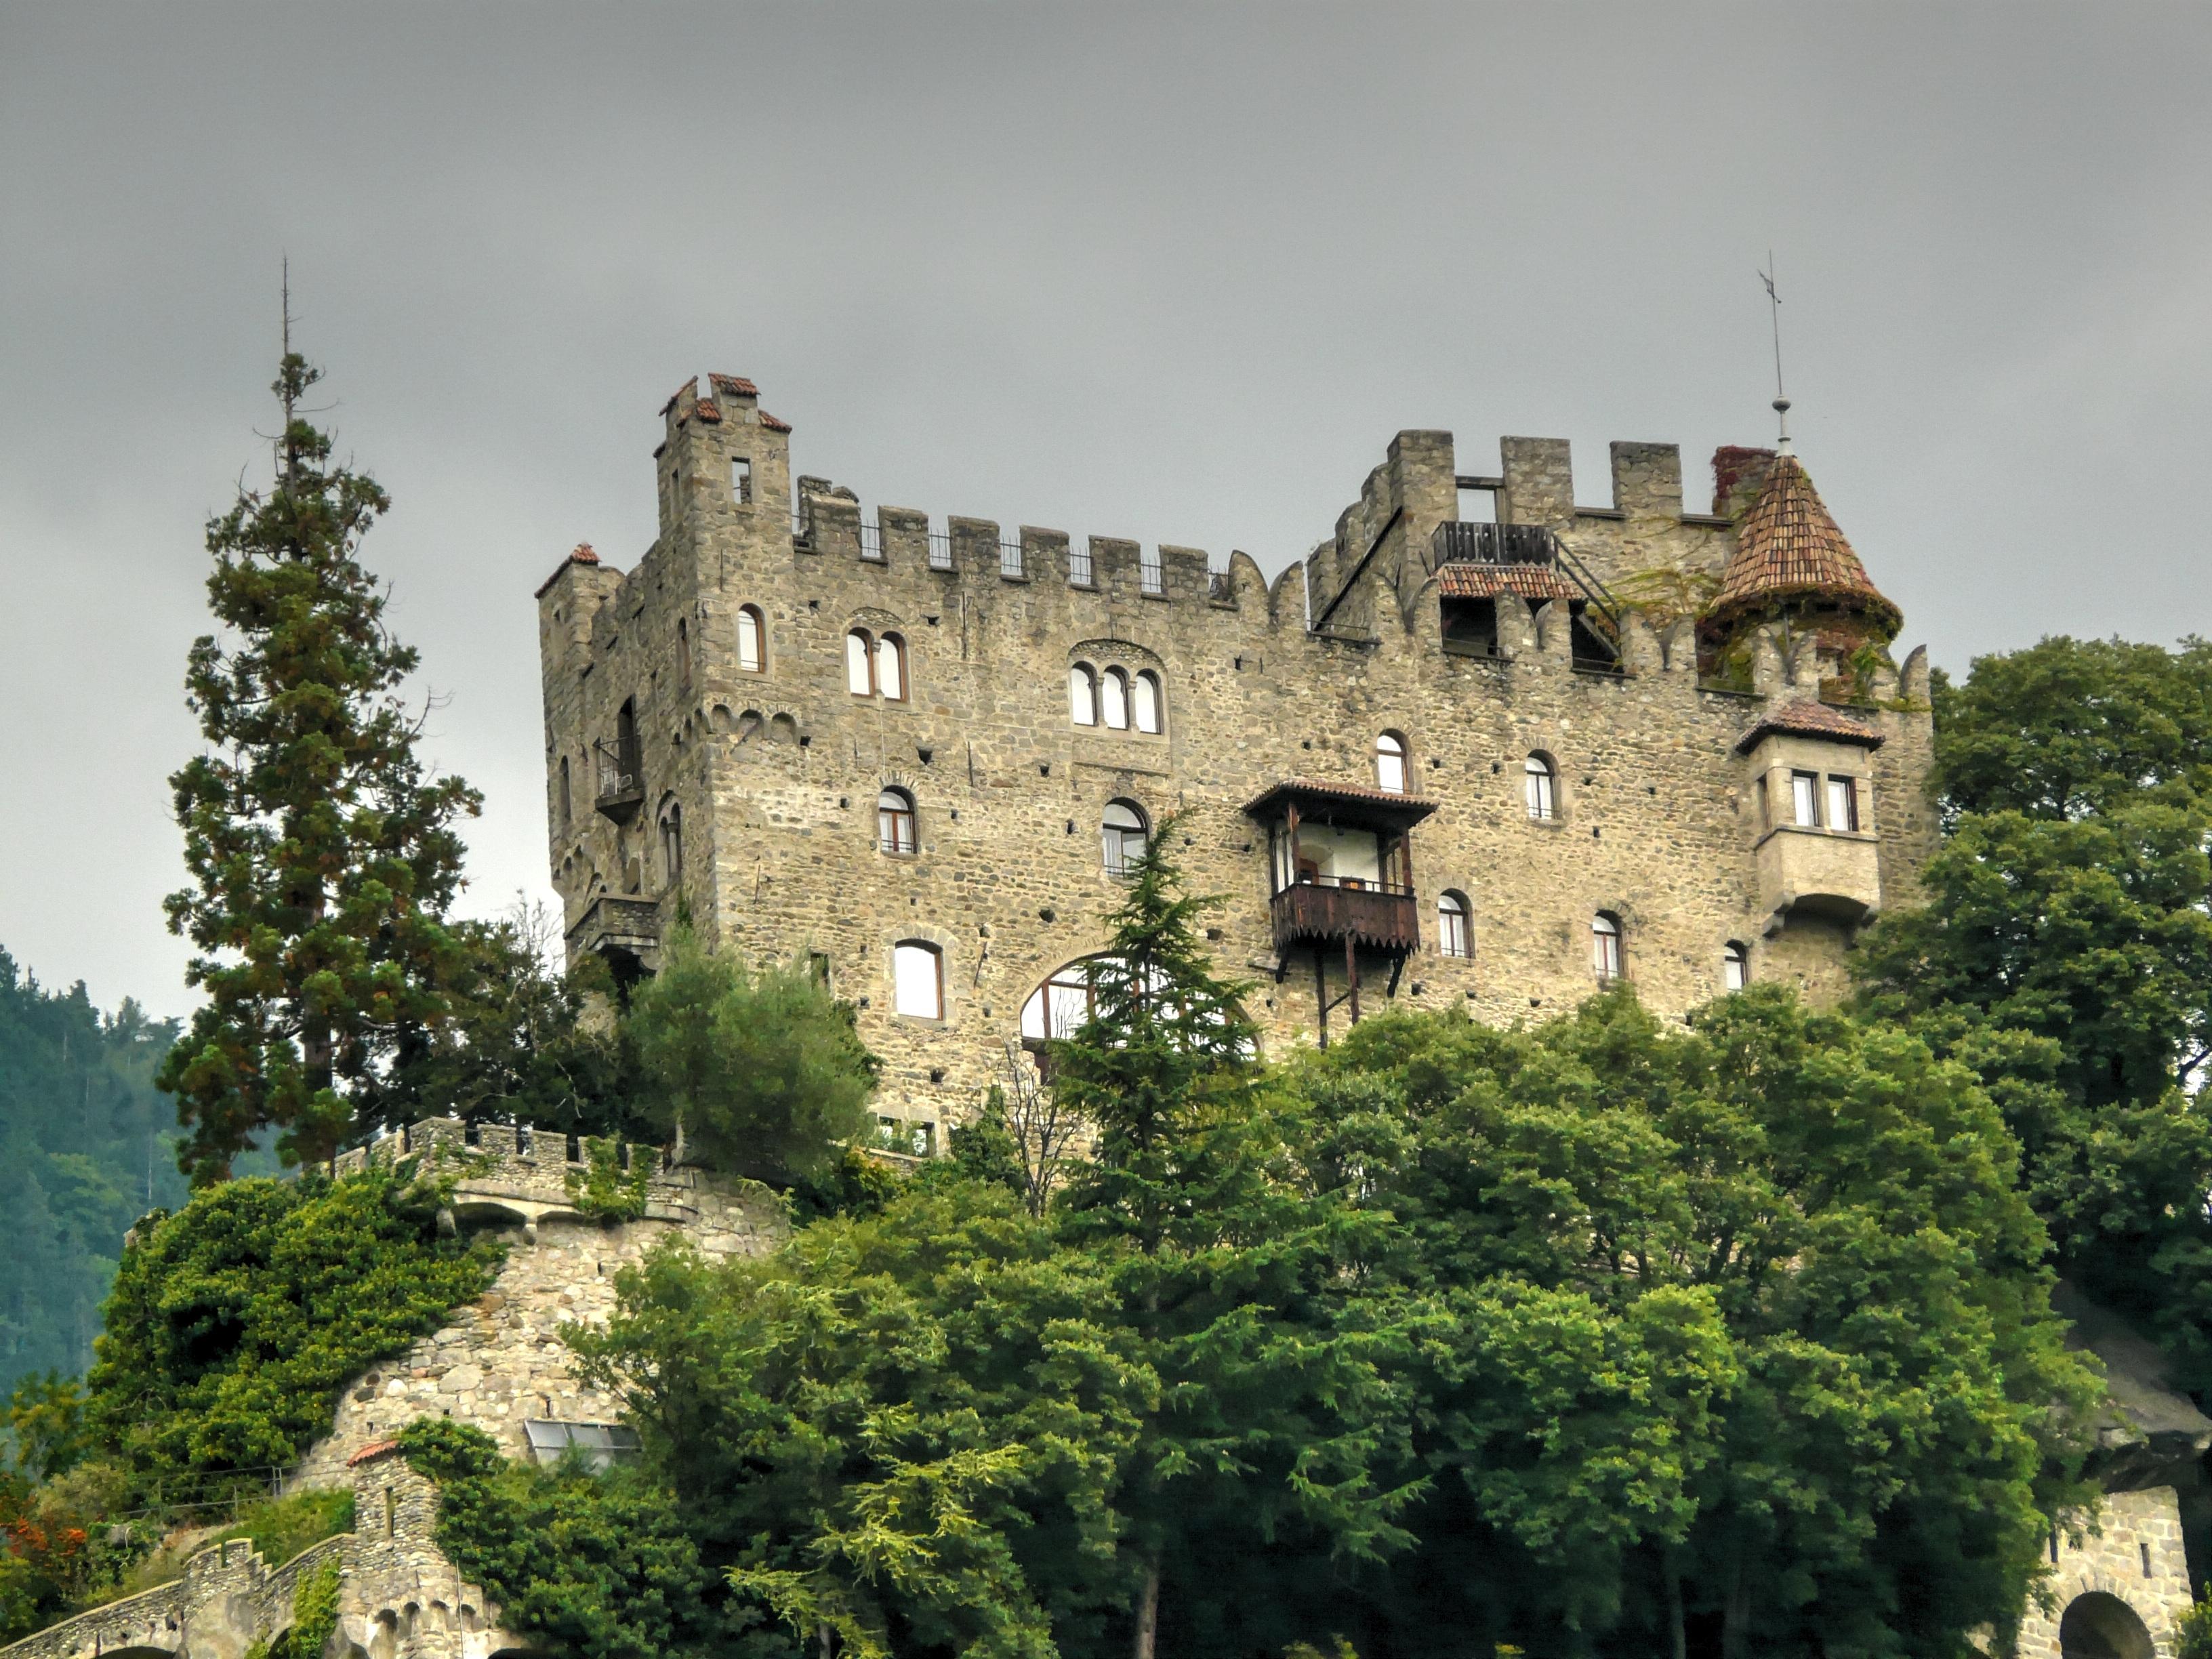 Immagini belle casa costruzione chateau villaggio for Disegni di casa chateau francese